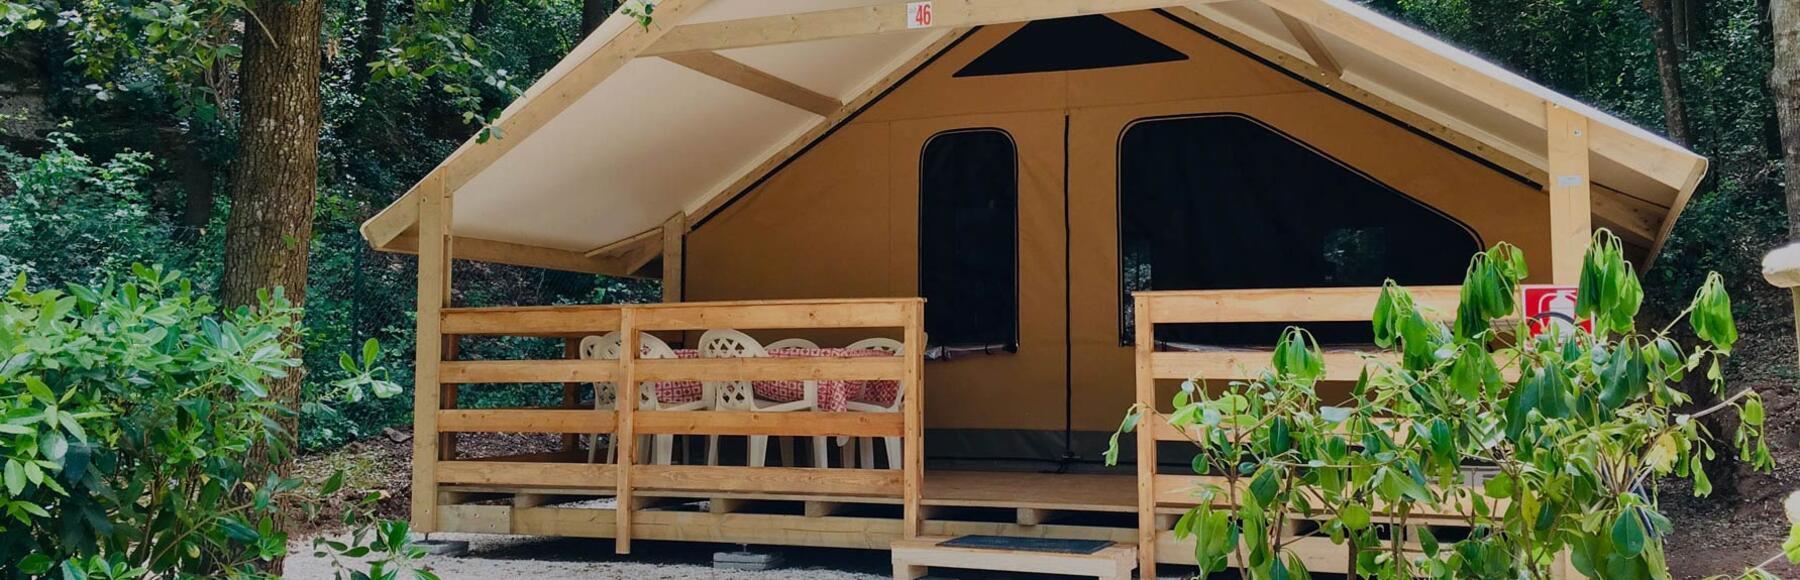 elbadoc-campingvillage it lido 006